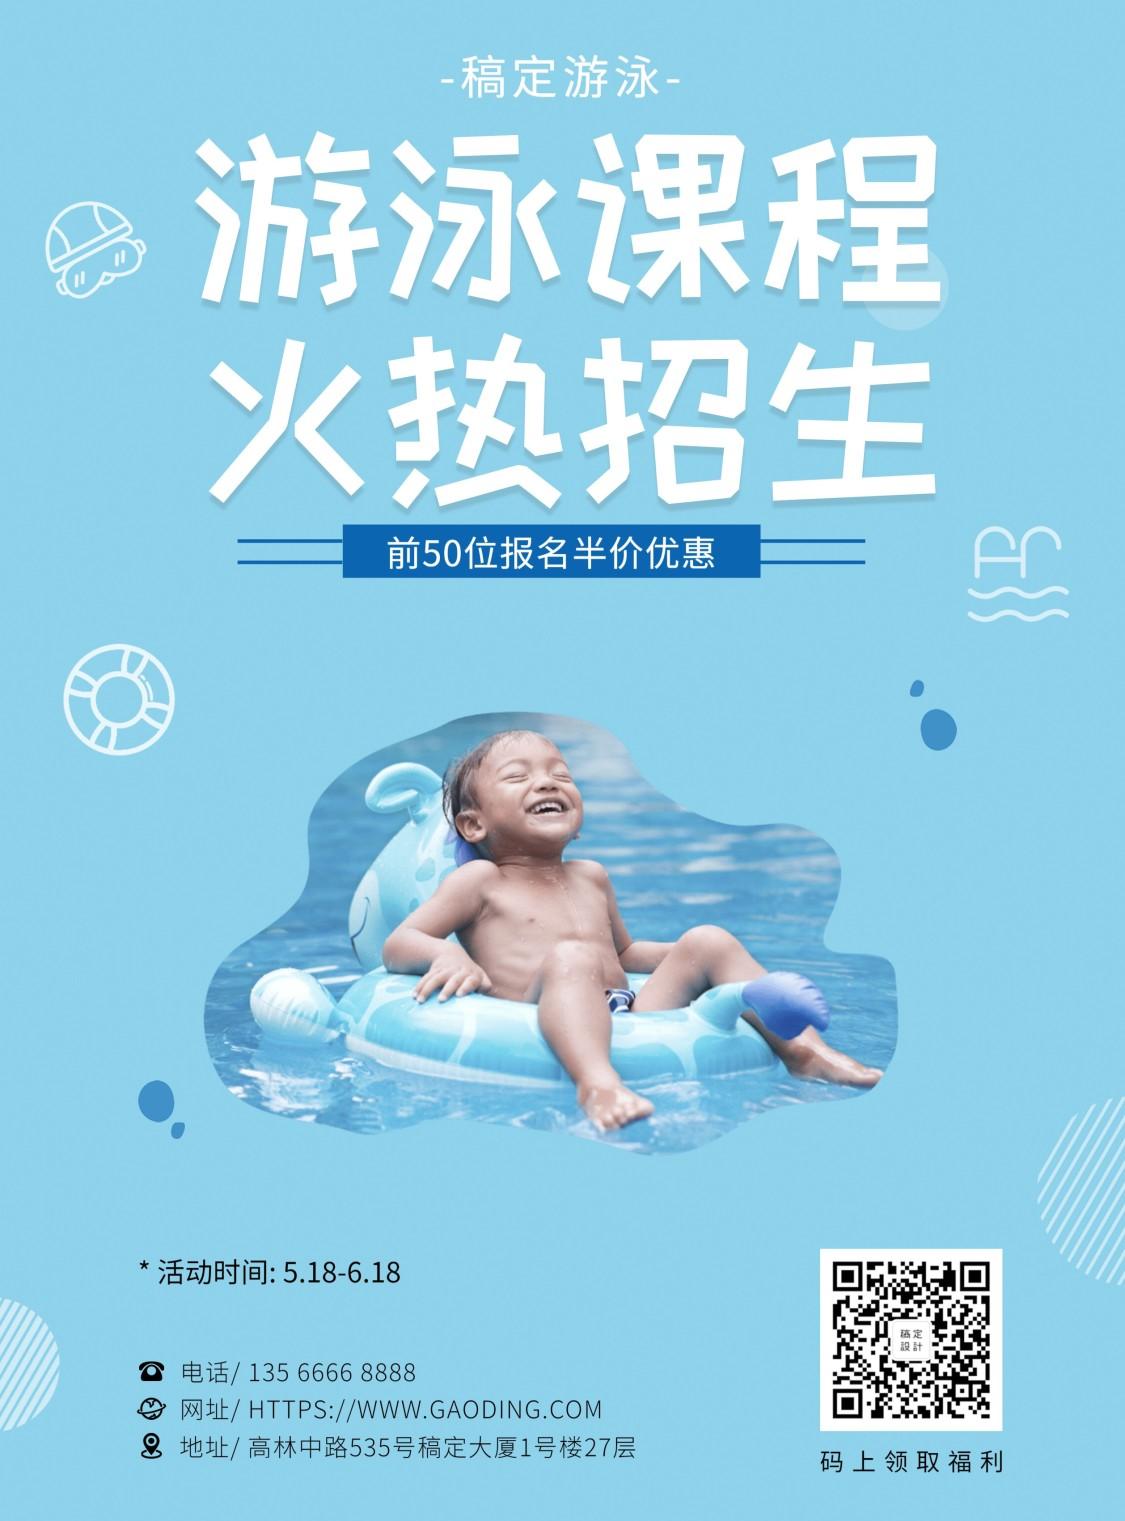 游泳班/培训招生/张贴海报